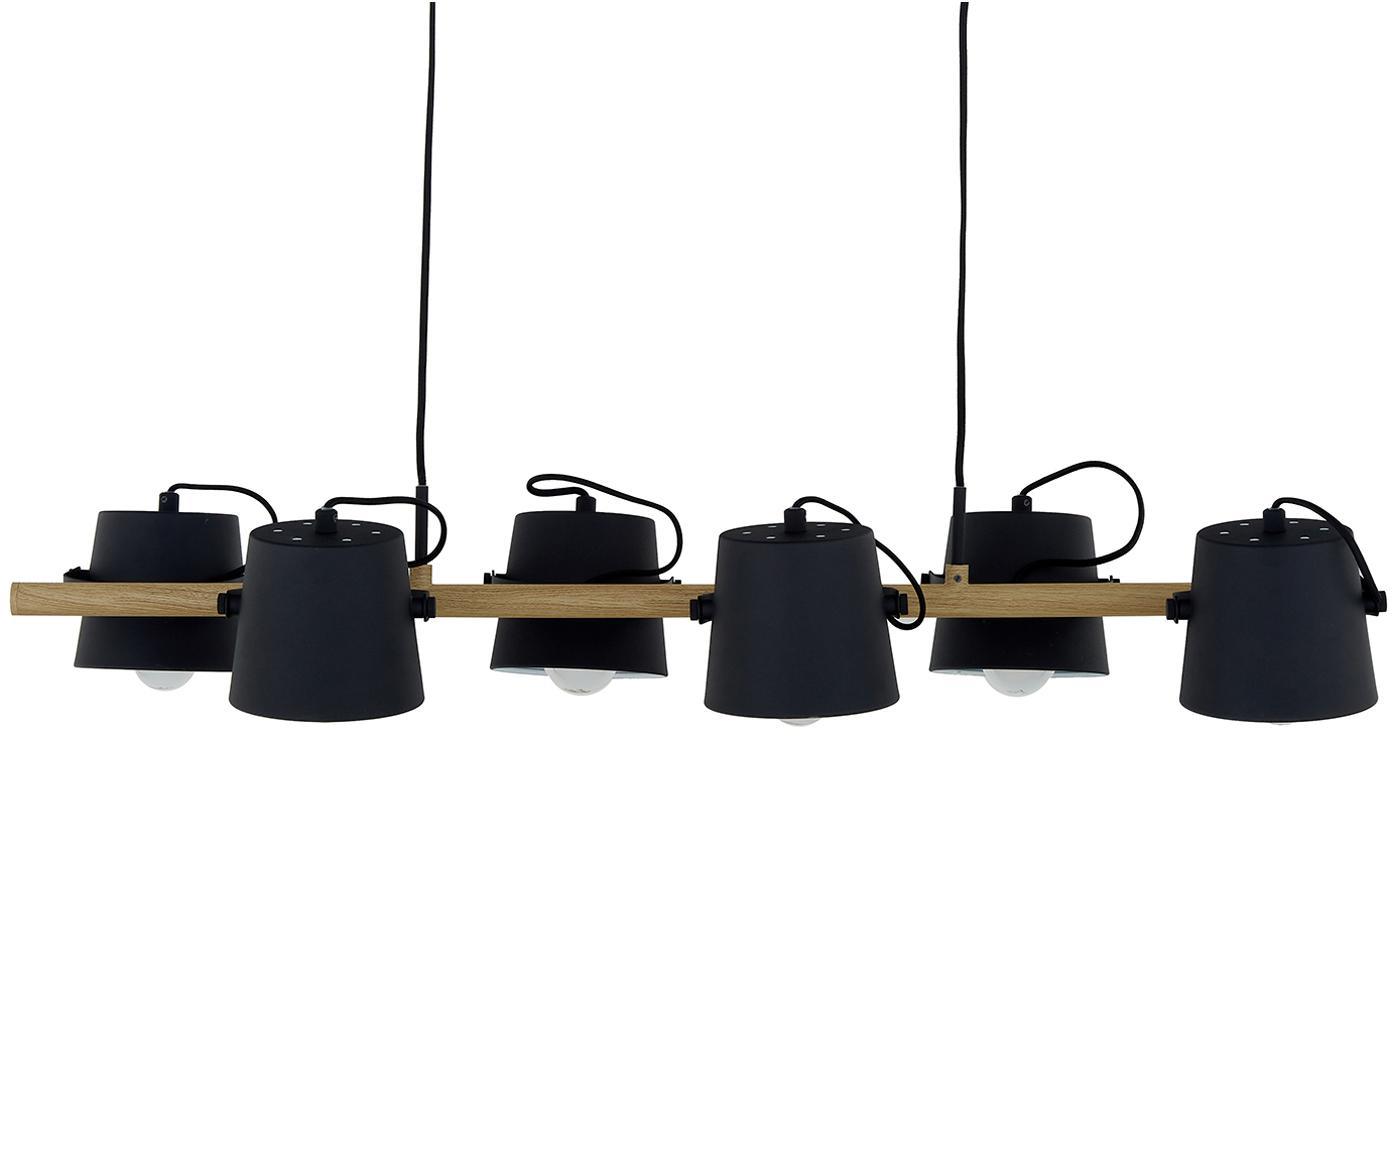 Lampada a sospensione in legno e metallo Espresso, Cenere, nero, Larg. 100 x Alt. 12 cm